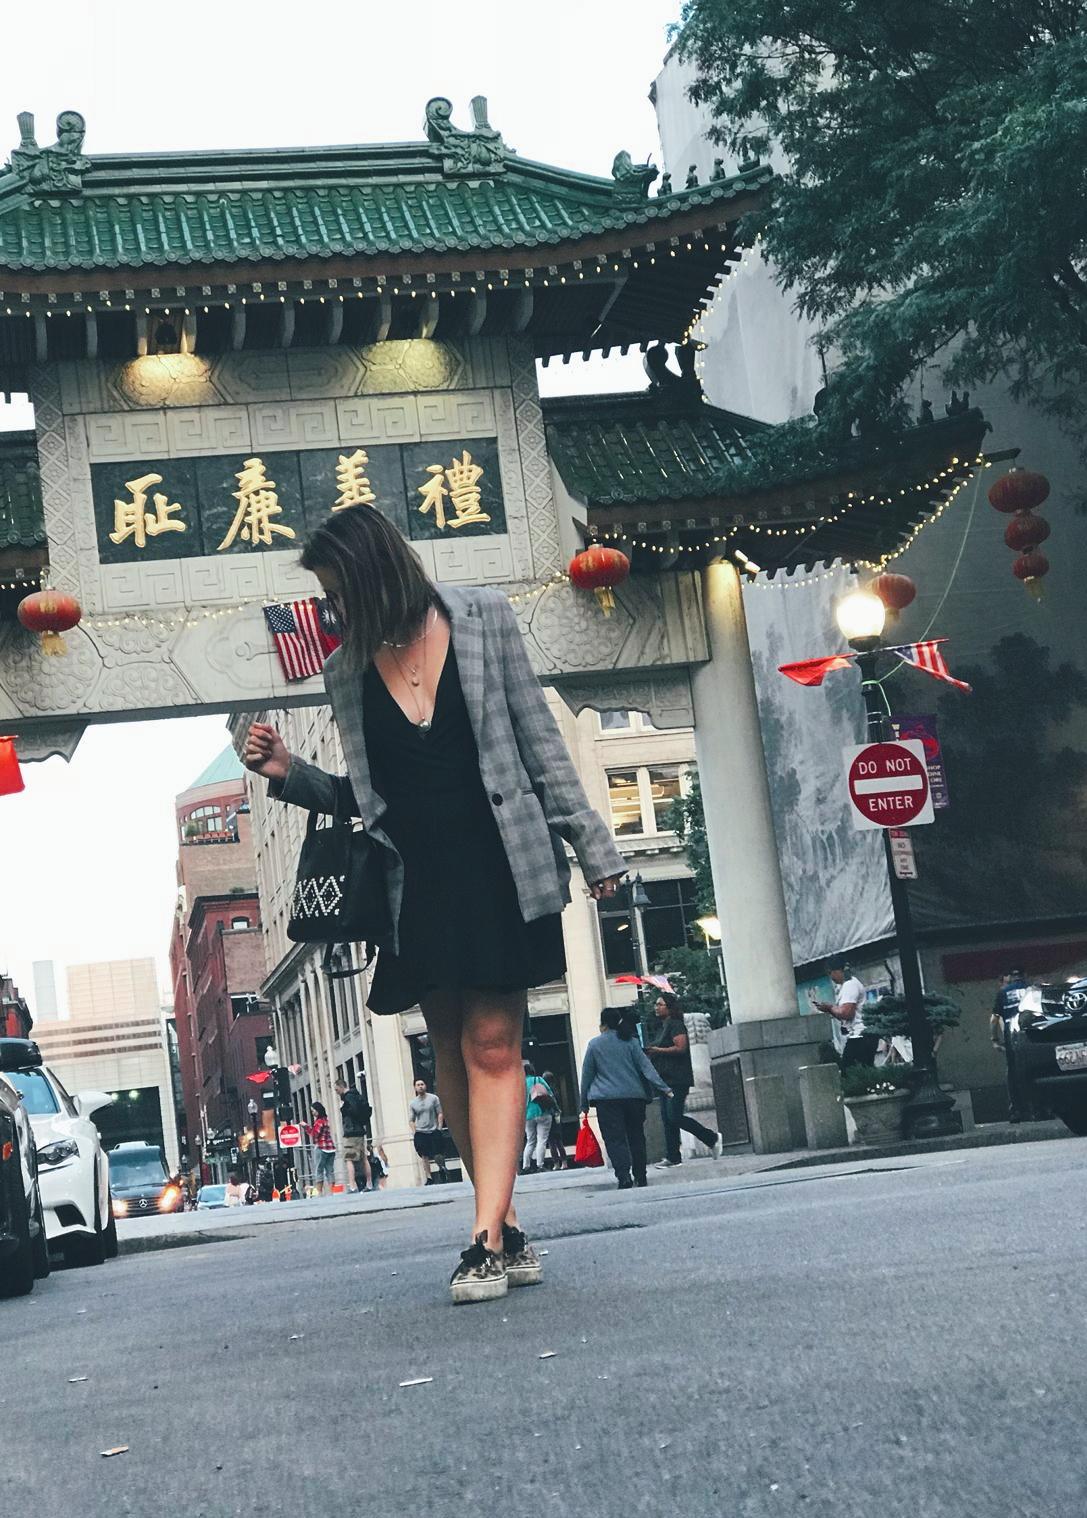 סין הקטנה צאינה טאון בוסטון תרבויות אוכל סיני מה שווה לראות בבוסטון עצירות חובה